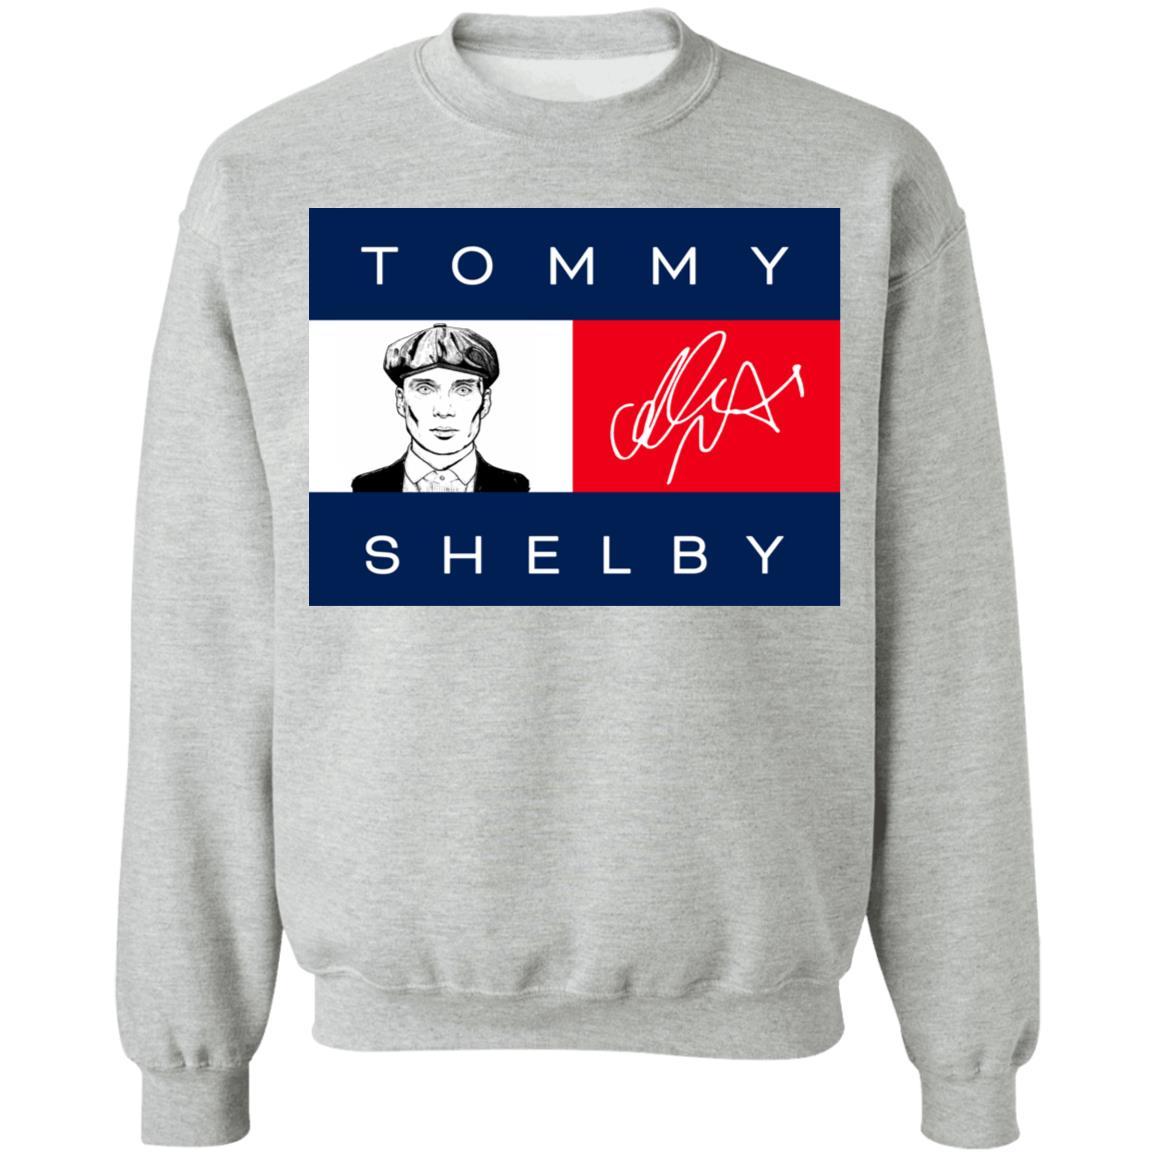 Großhandelspreis 2019 bester Wert Billiger Preis Tommy Hilfiger Peaky Blinders Tommy Shelby signature sweatshirt, hoodie, t  shirt